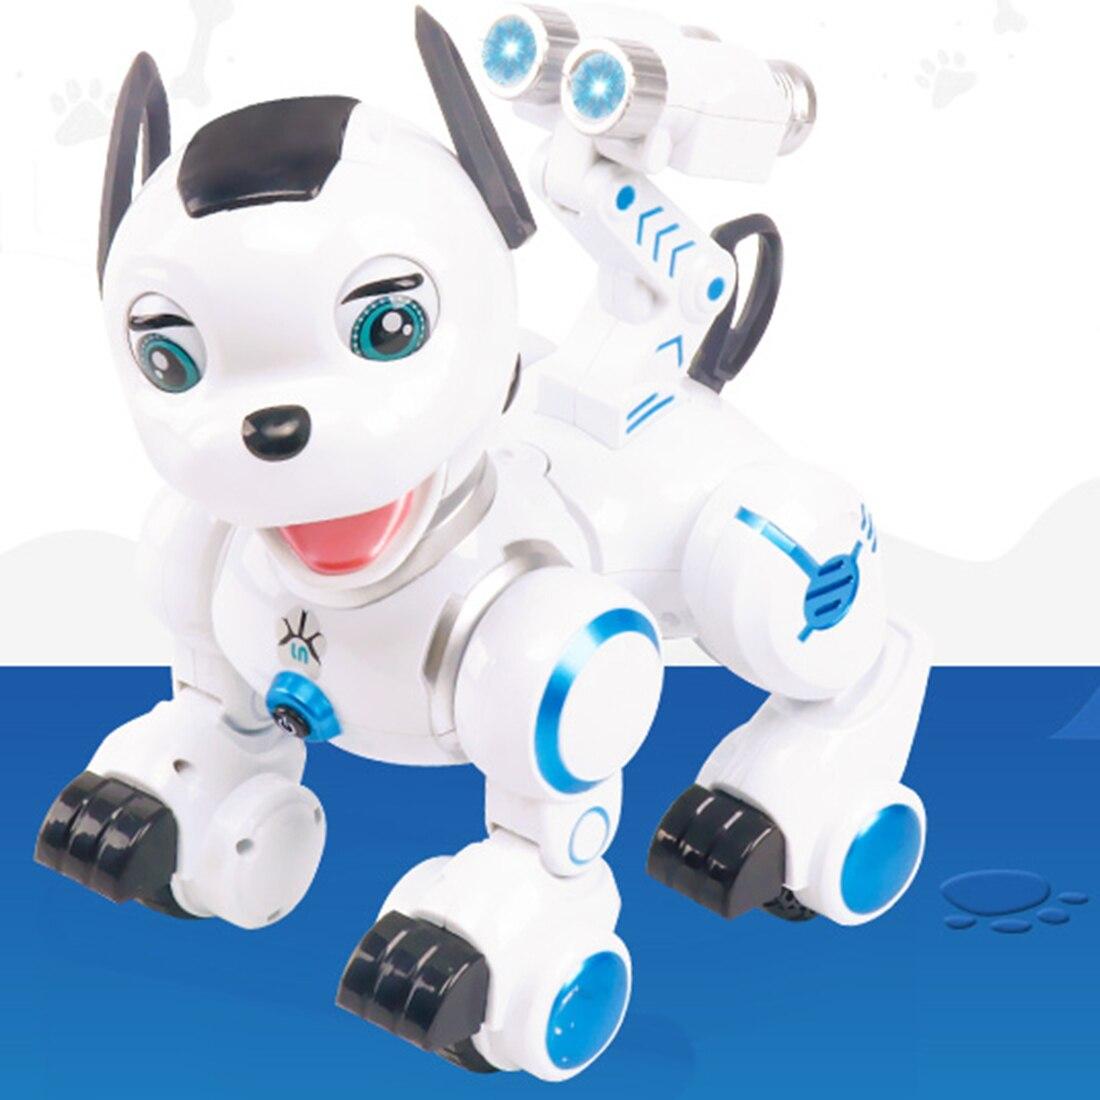 Enfants Tôt Éducation Pet Chien Intelligent RC Robot Intelligent Patrouille Jouet Pour Chien avec Danse Clin D'oeil pour Enfant Cadeau D'anniversaire - 5